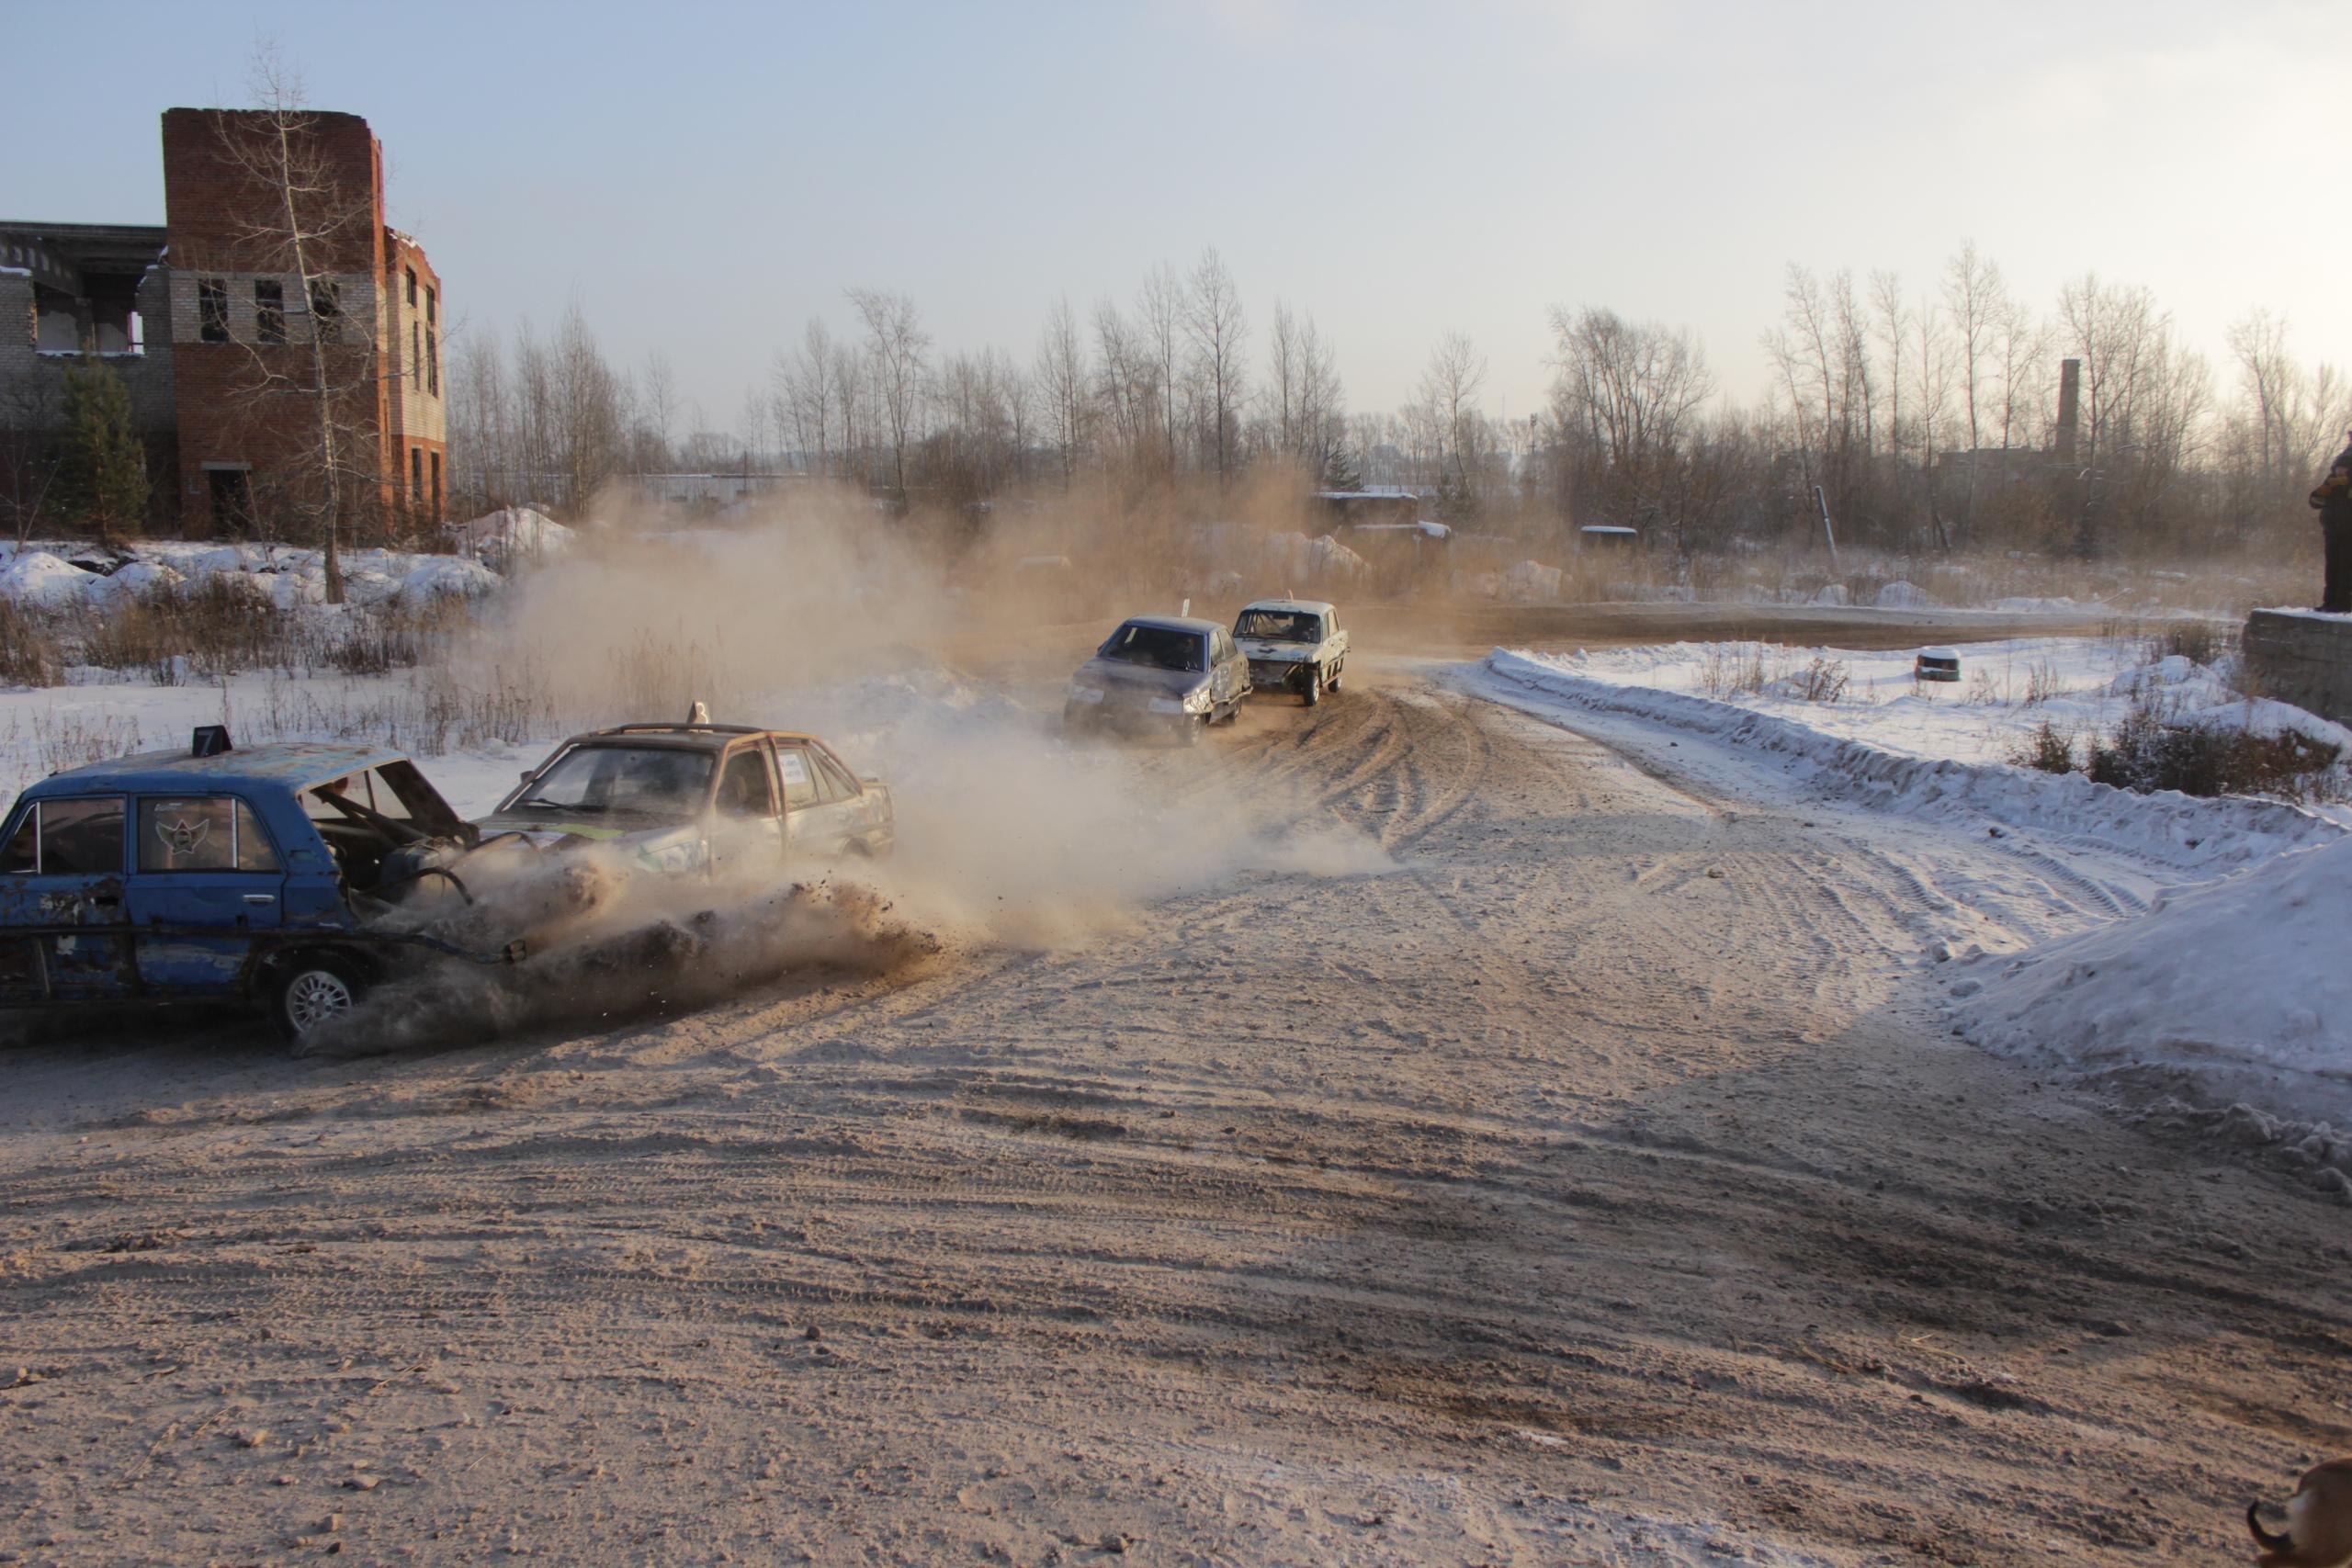 экстремальные гонки, автомногоборье, чайковский район, 2018 год